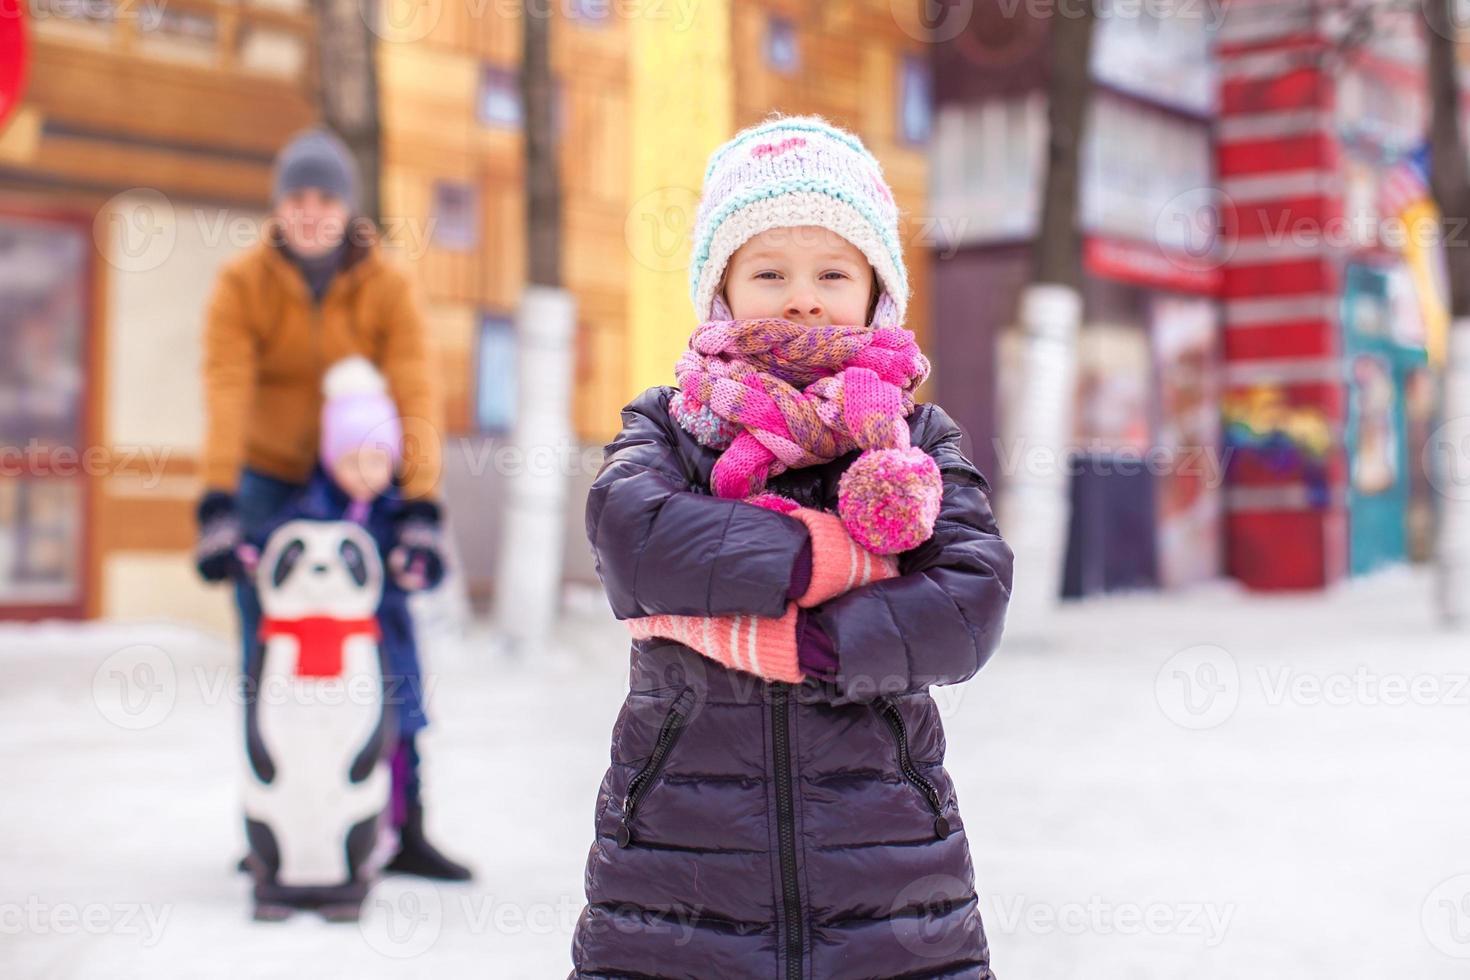 charmant meisje op ijsbaan, vader met kleine zusje achtergrond foto